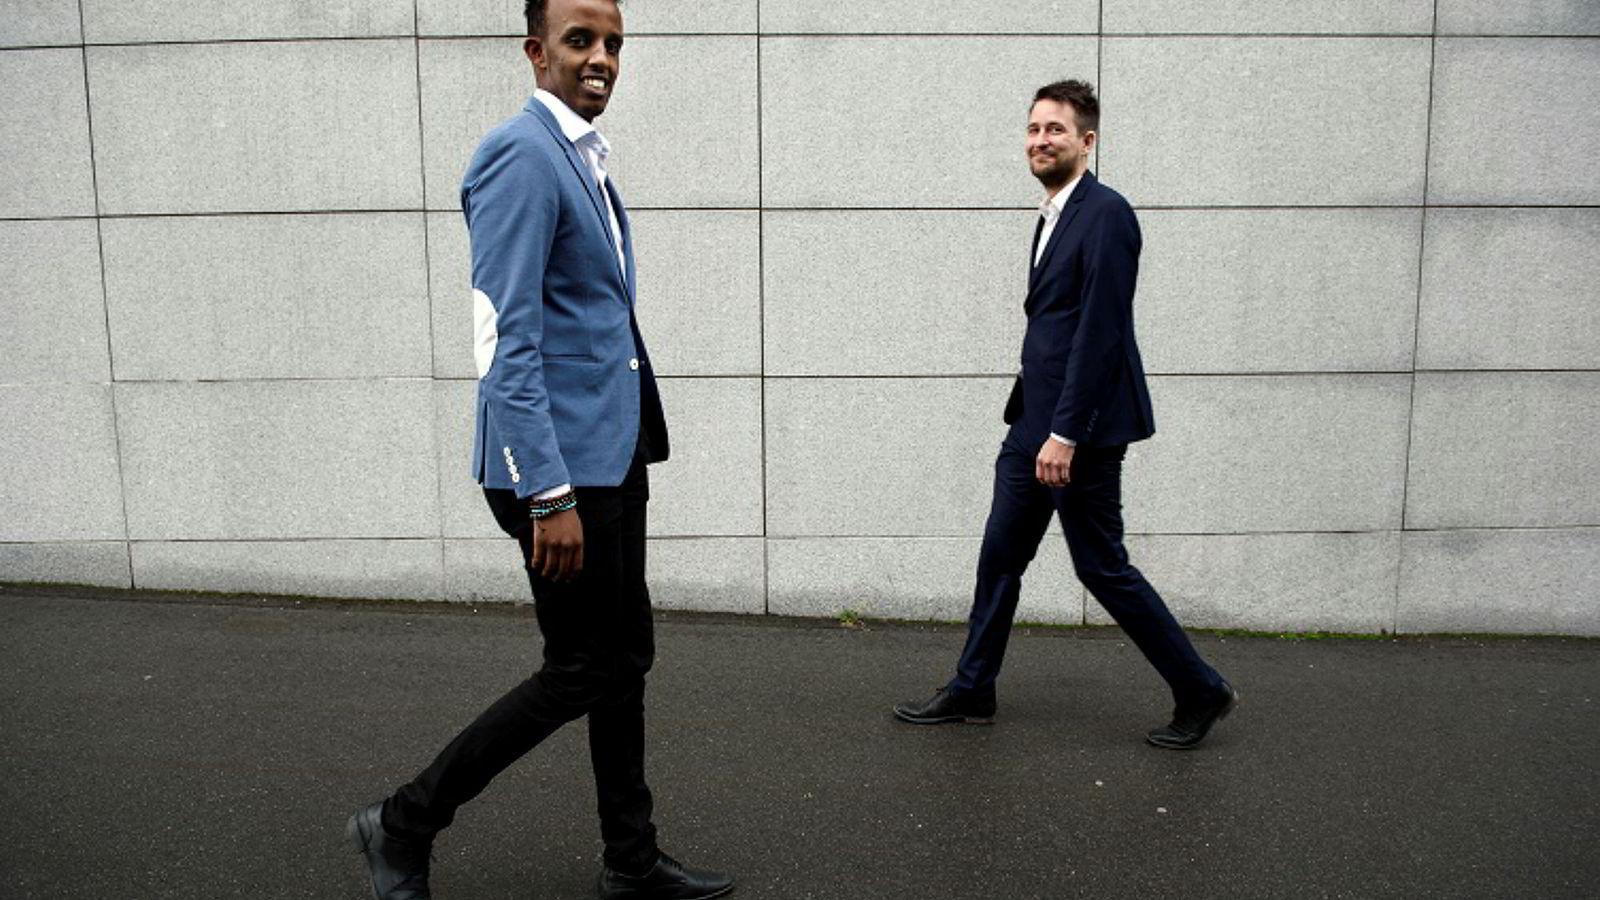 Shafi Adan (til høyre) og Trygve Grimnes, gründere i Zoopit. Leveringstid blir avgjørende for butikker fremover, tror de.